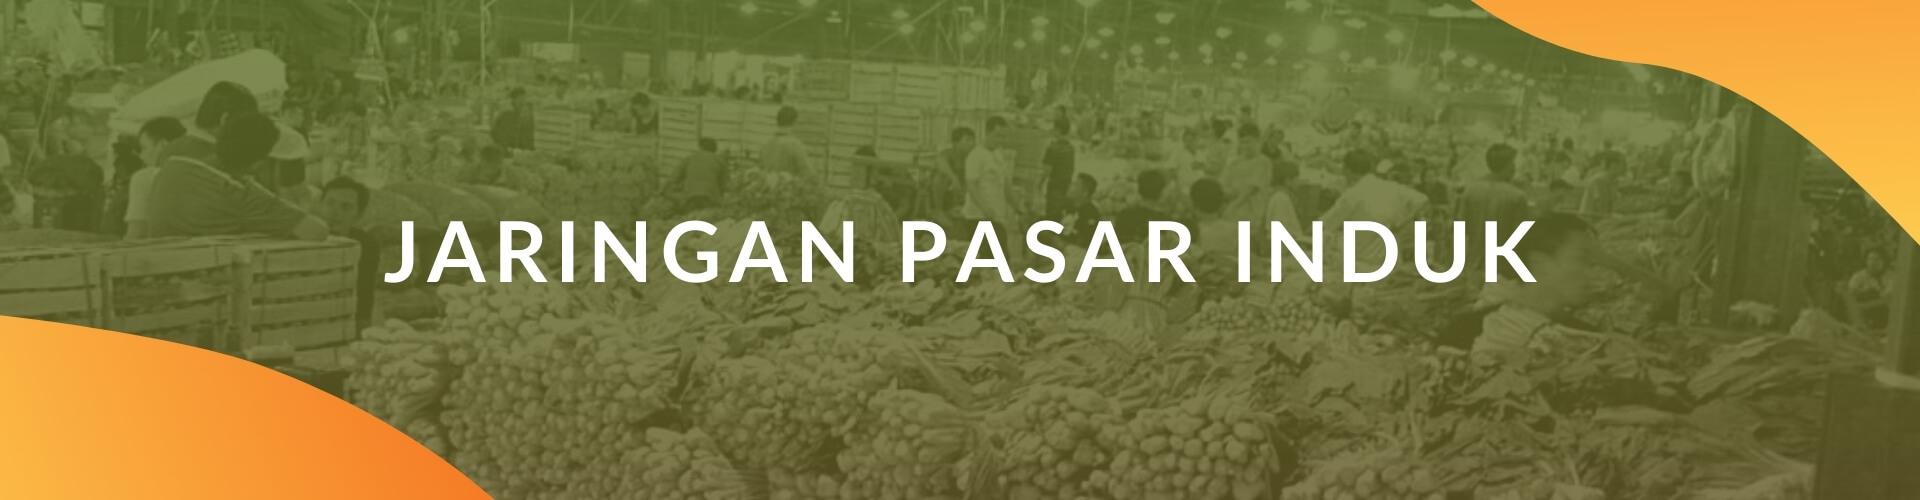 Paskomnas Jaringan Pasar Induk